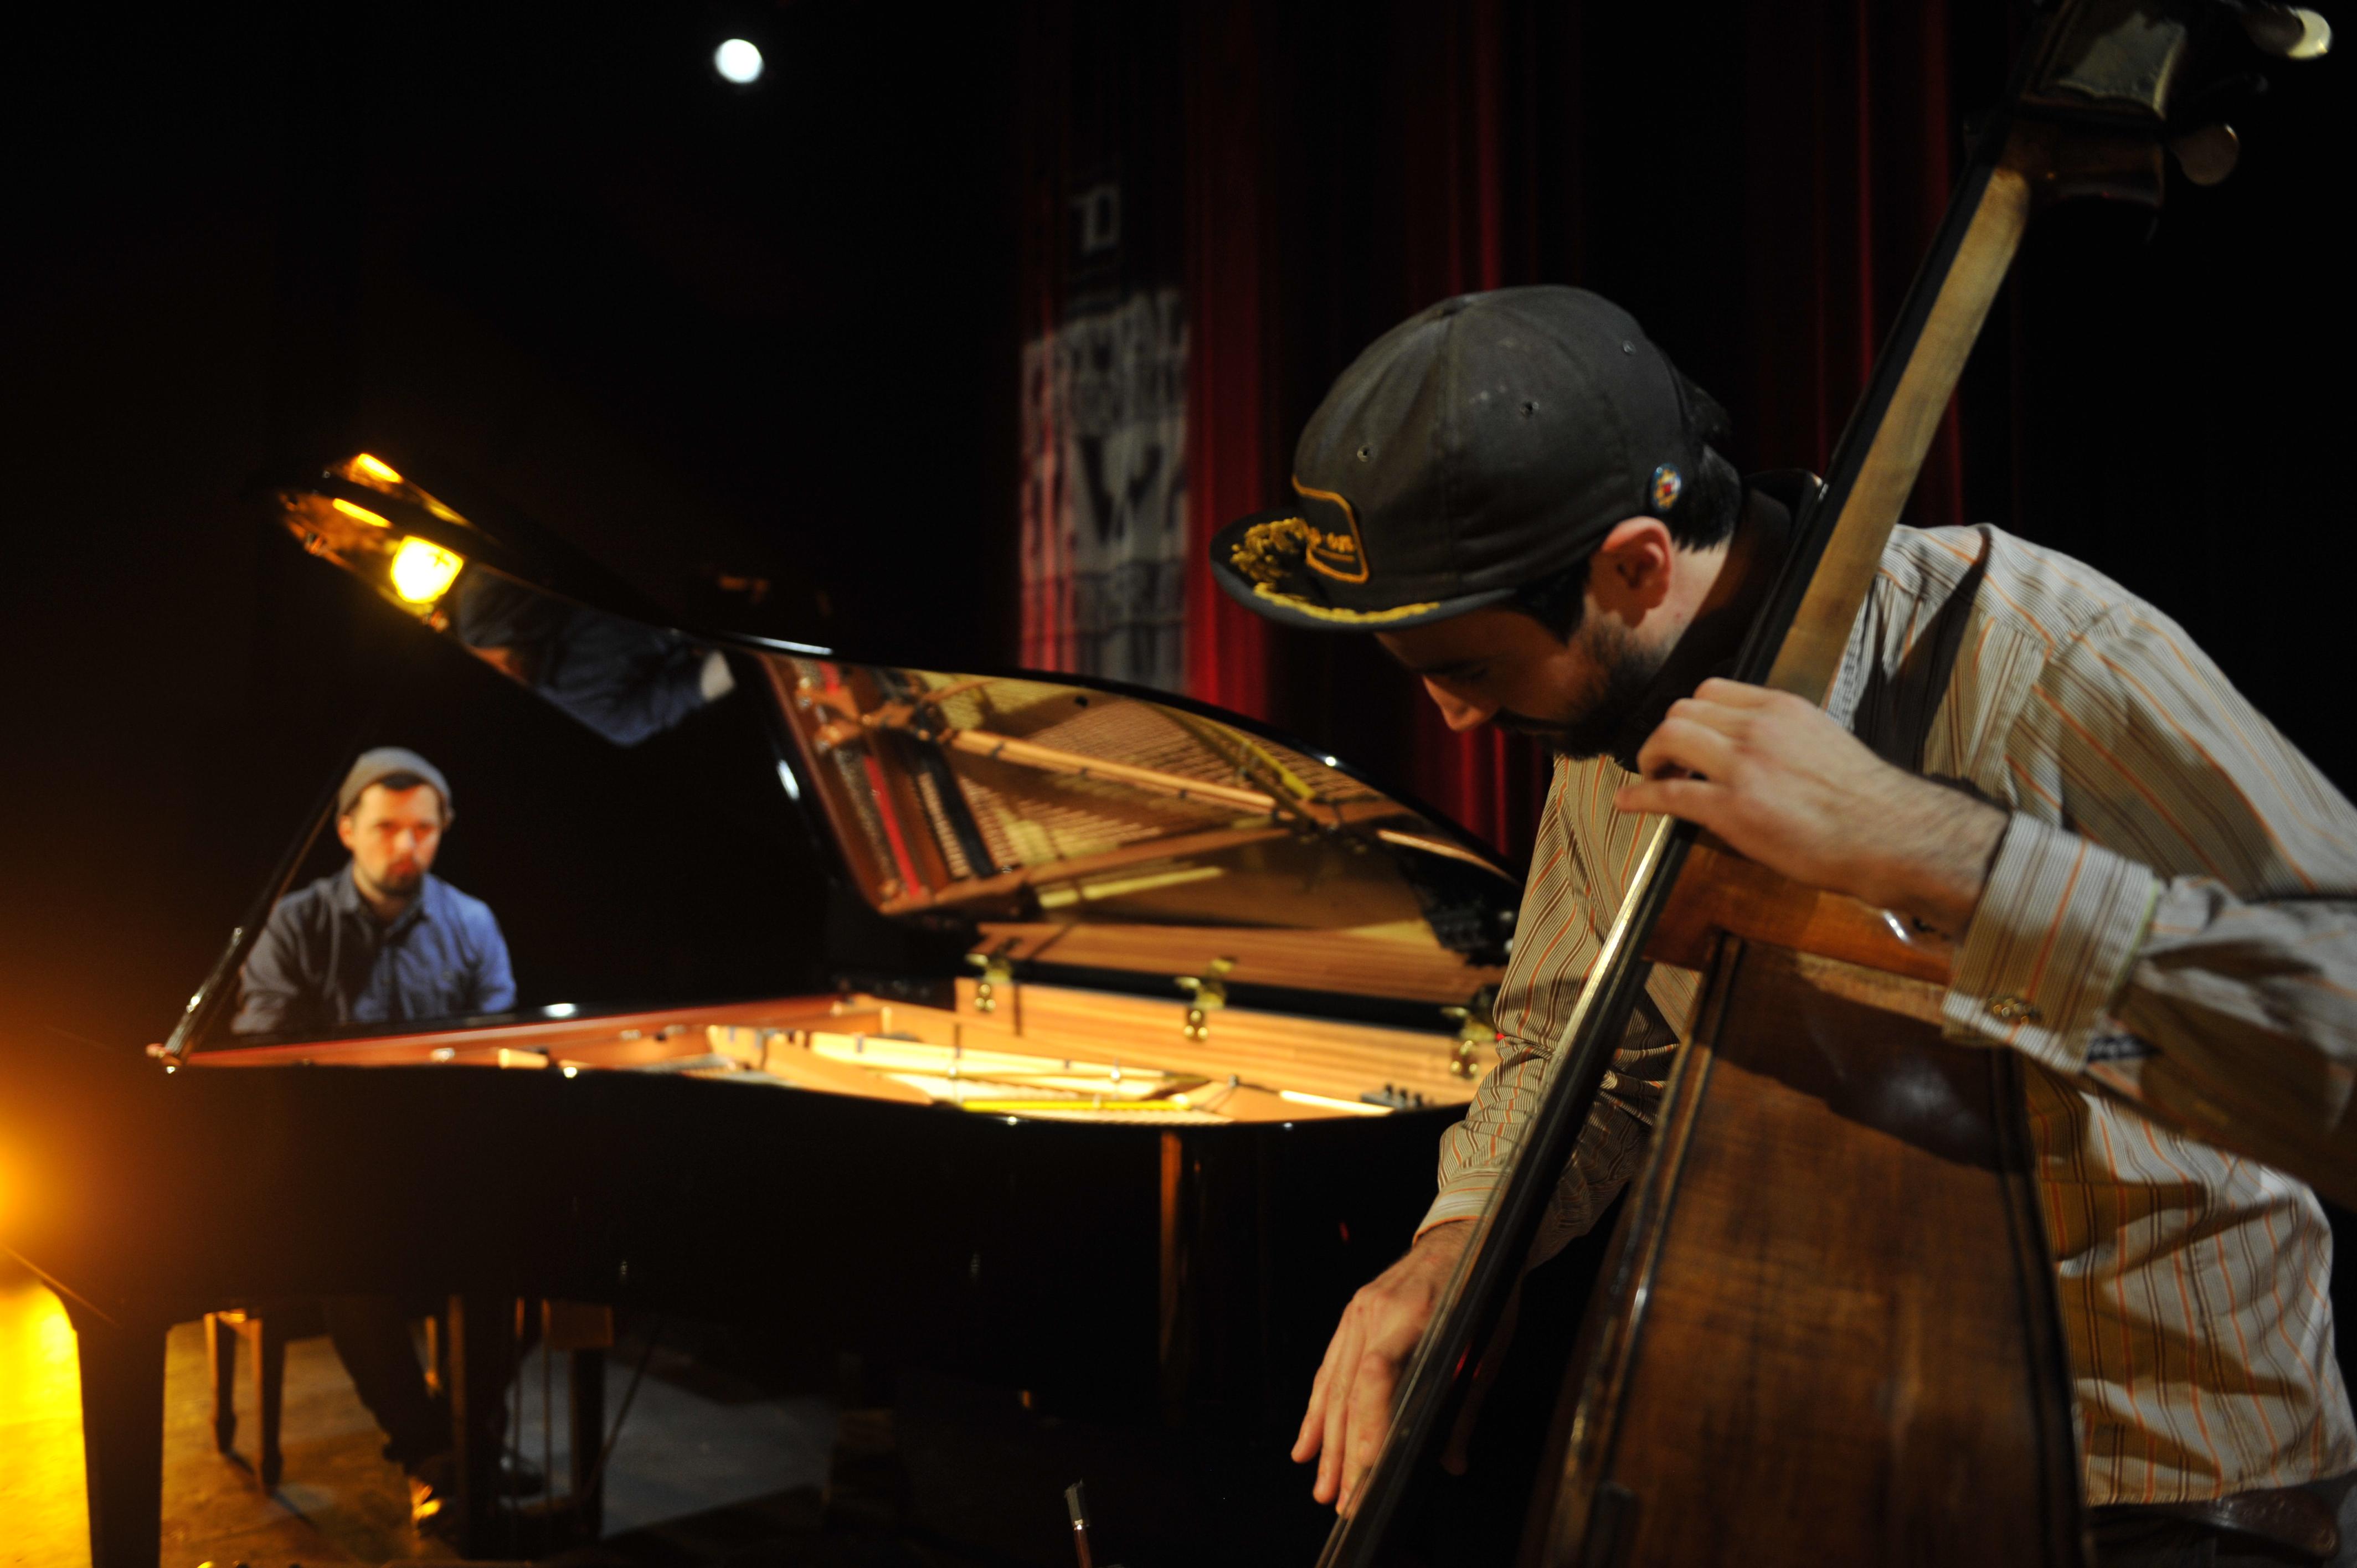 Festival de jazz à Montréal : quand ça balance entre hip-hop et jazz